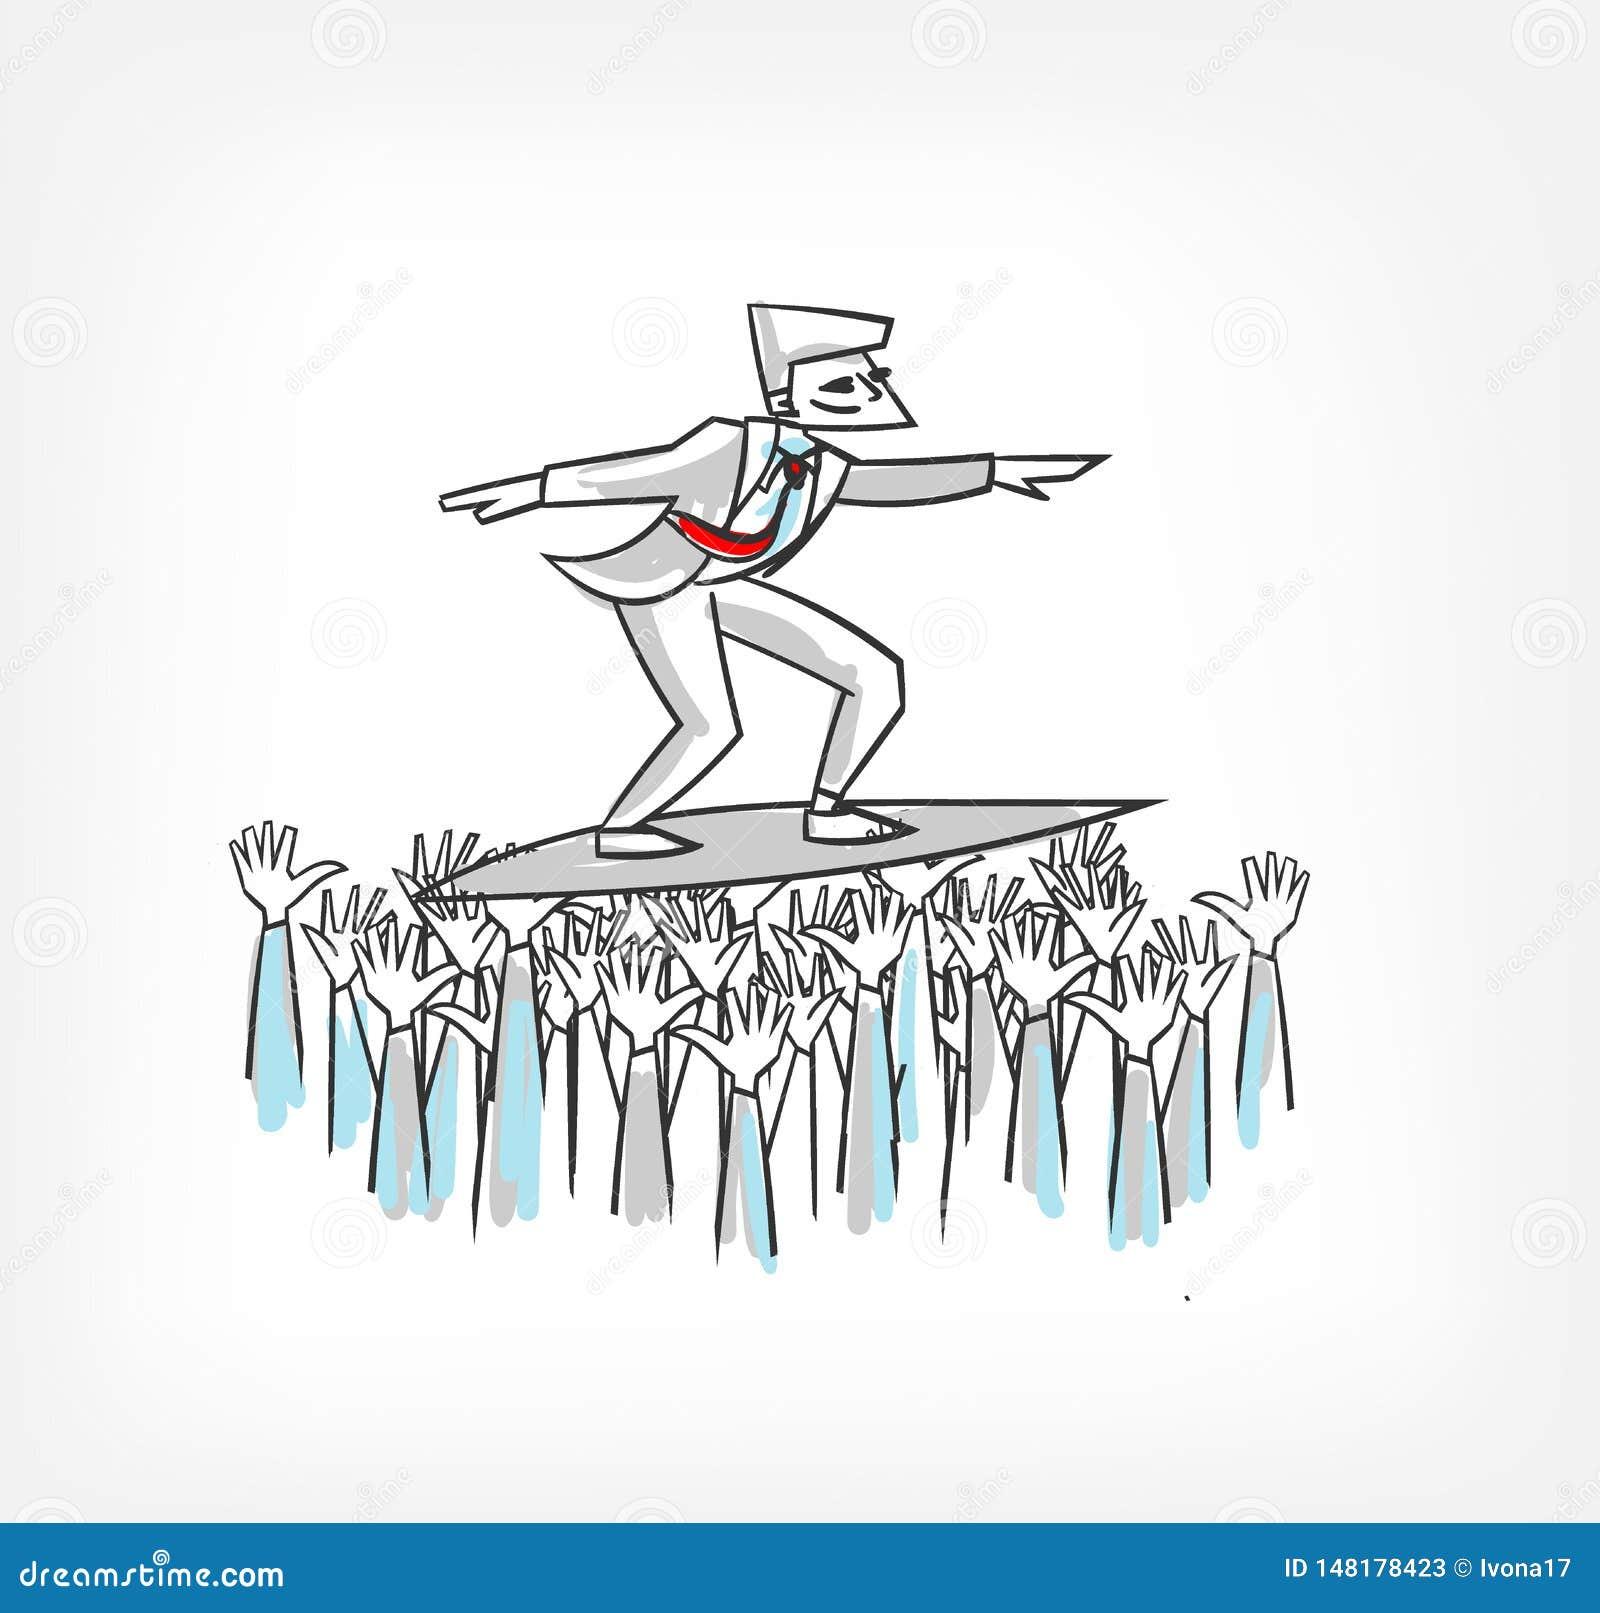 Люди поддерживают иллюстрацию вектора концепции руководителя